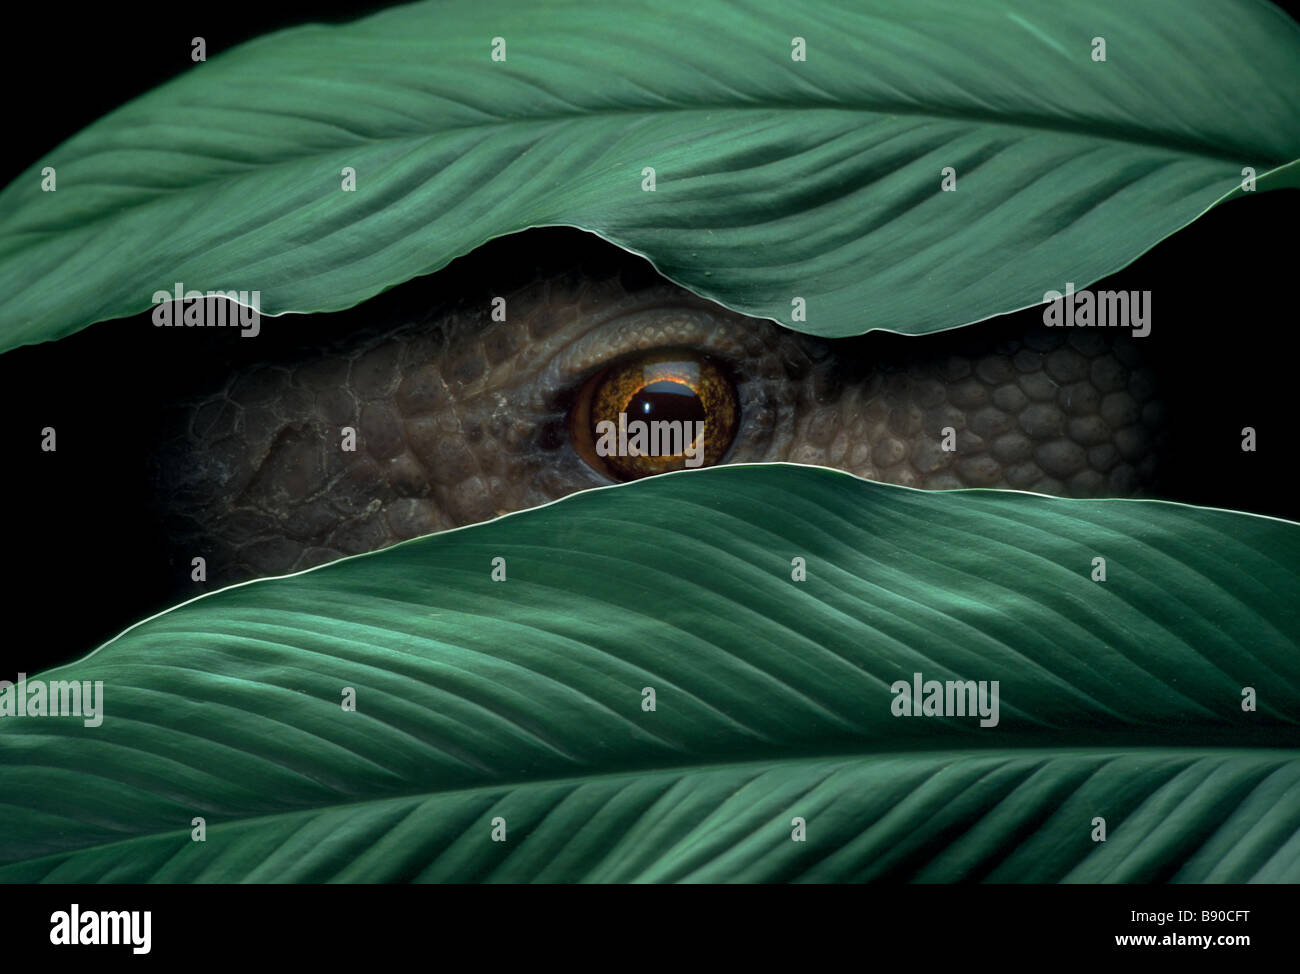 Konzepte # FL1150, Kitchin/Hurst; Reptil spähen durch Blätter Stockfoto